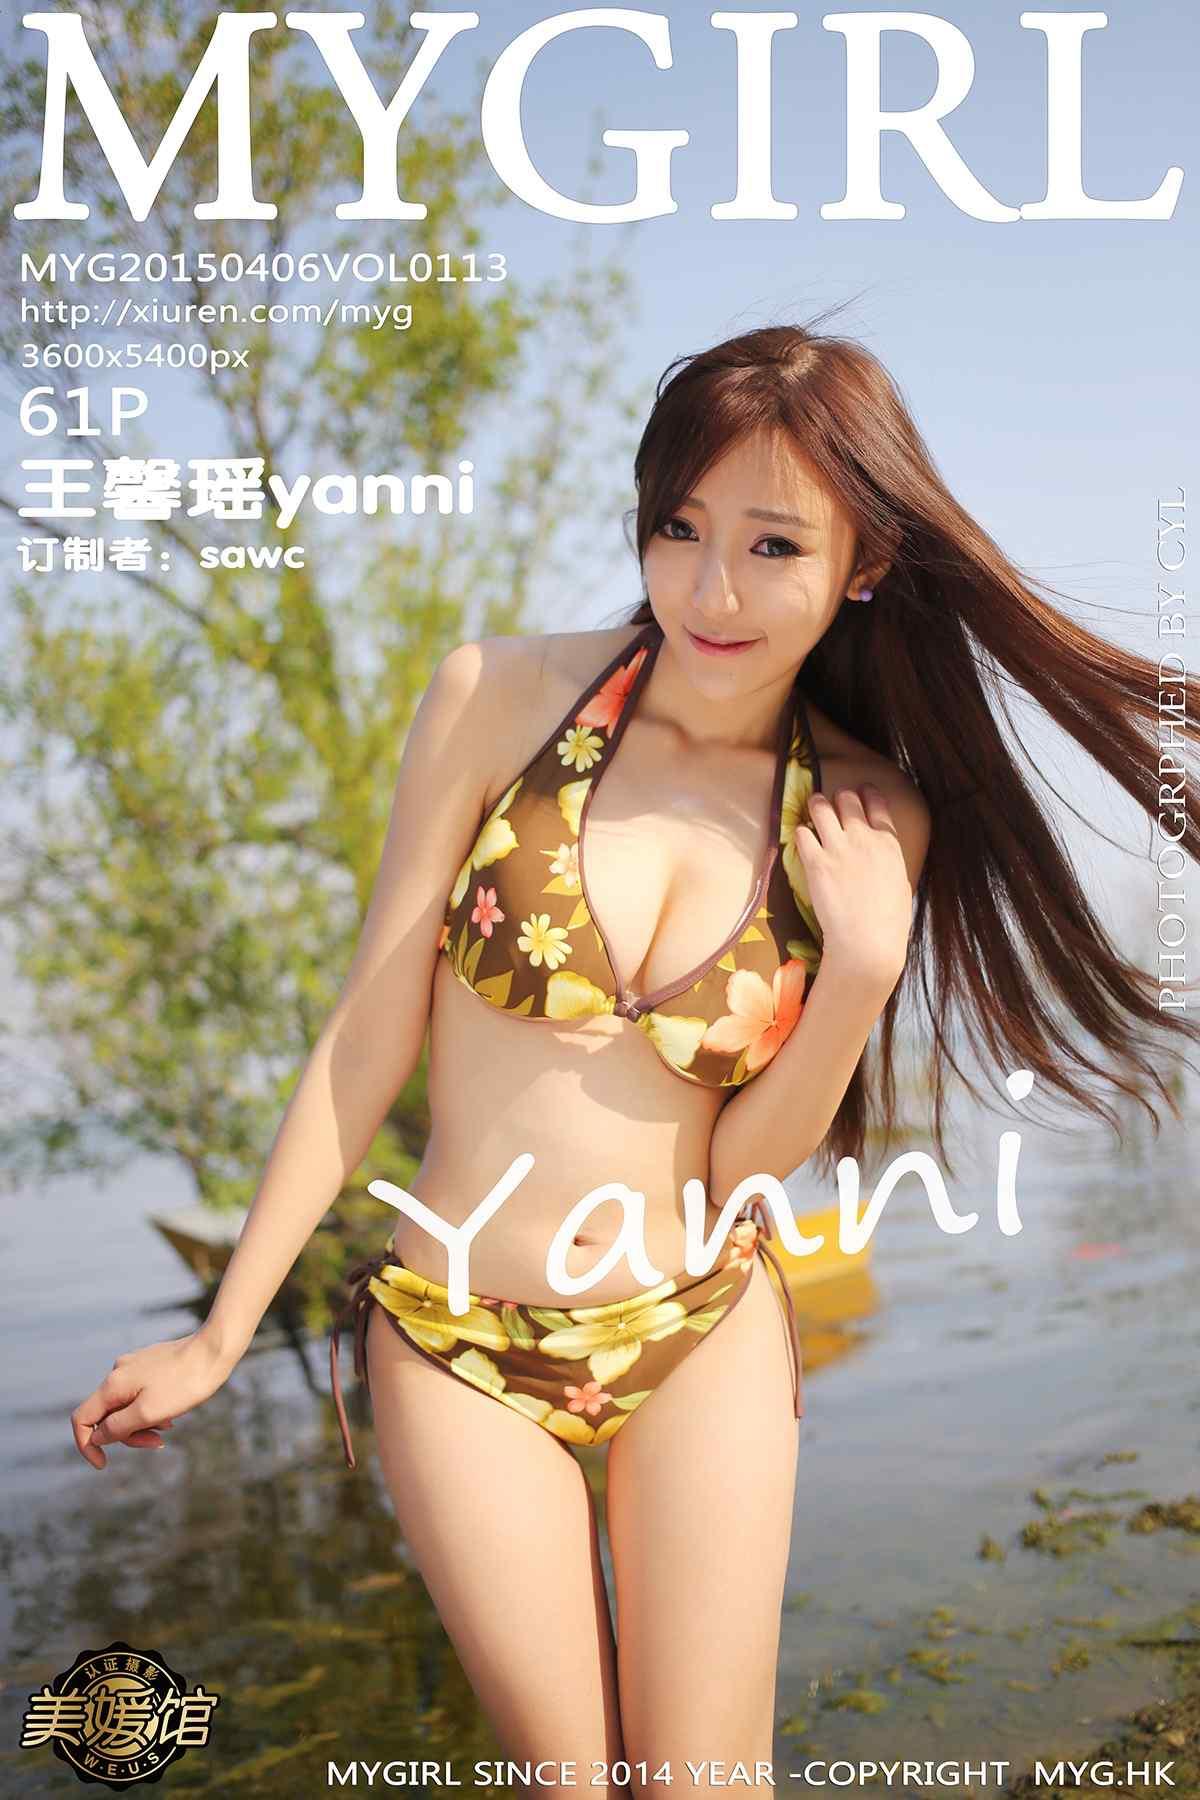 mygirl-113-cover.jpg